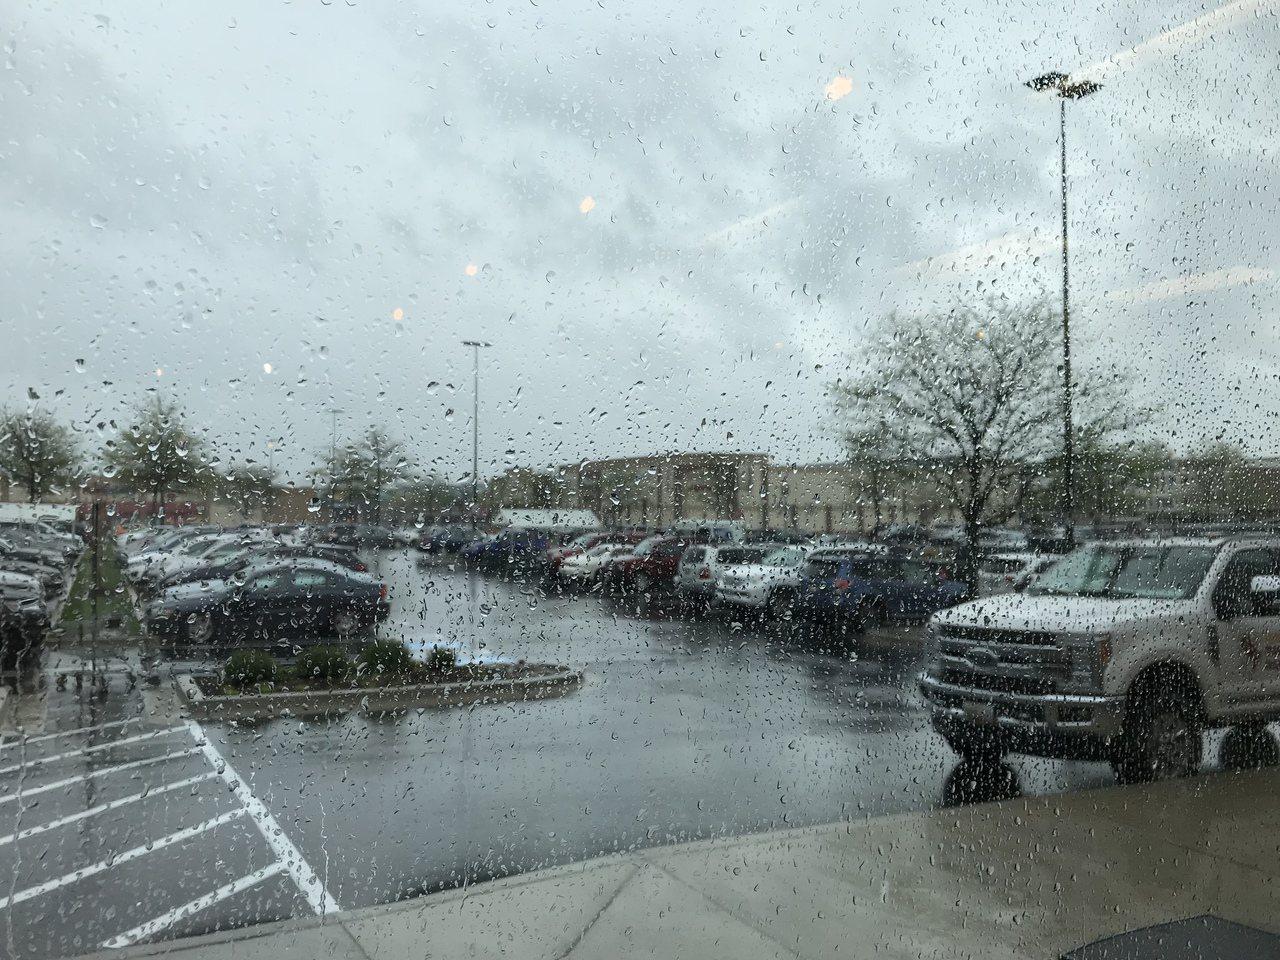 大華府強風暴雨伴龍捲風,復活節假期迎極端天氣。記者張筠/攝影